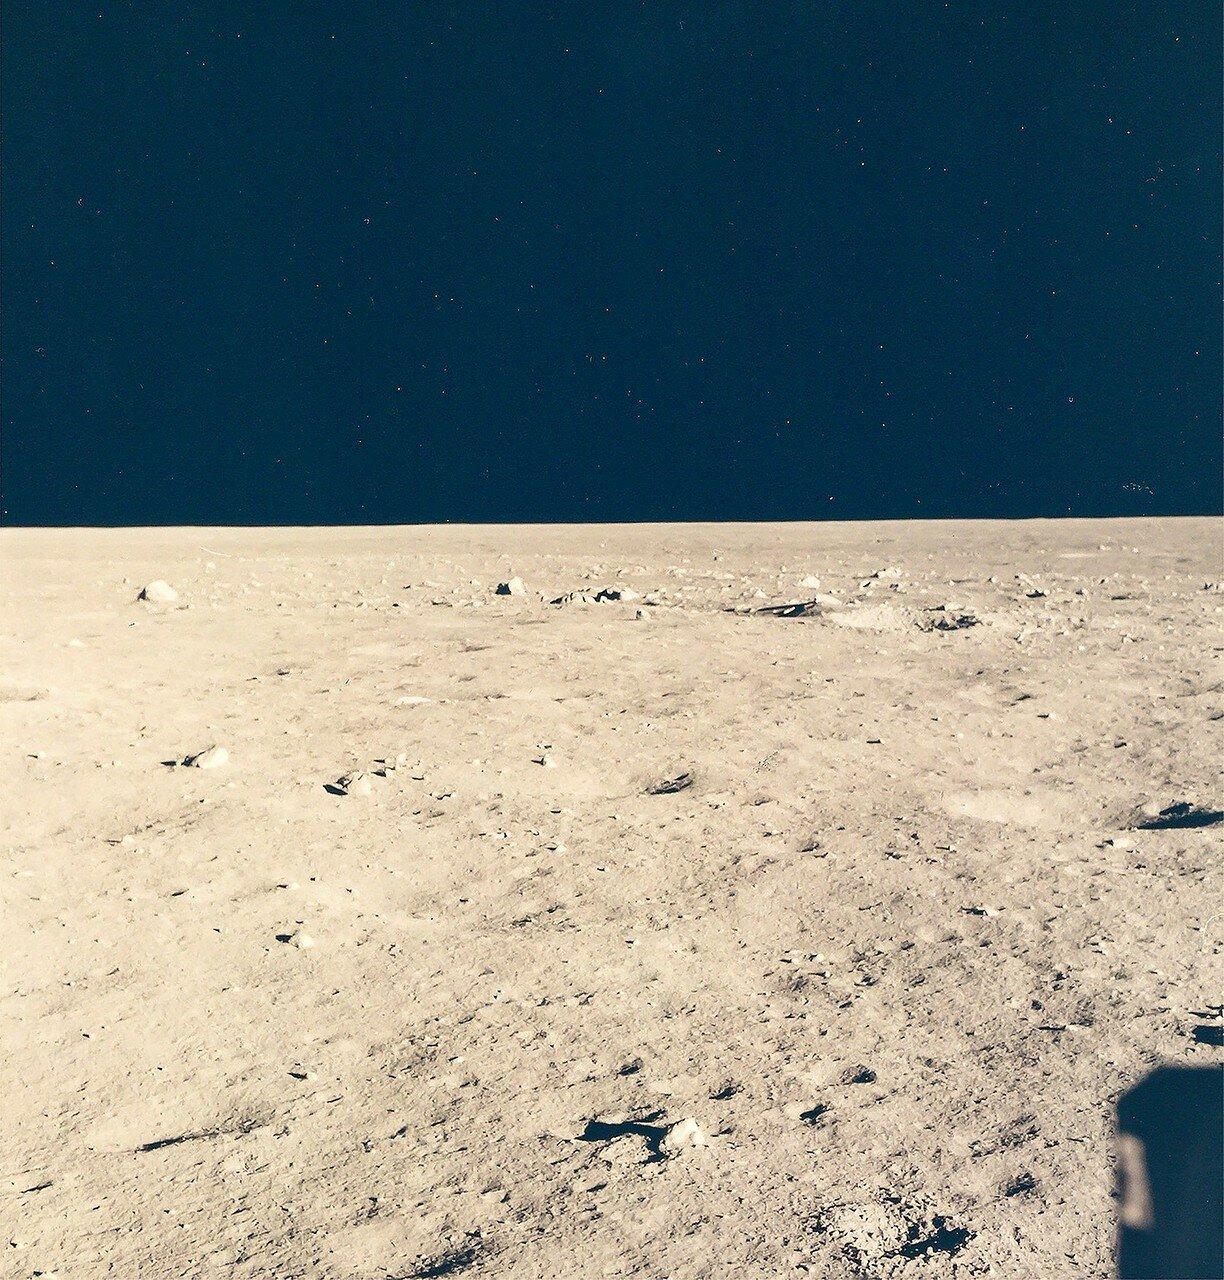 1969, 20 июля.После прилунения Армстронг передал Земле: «Хьюстон, говорит База Спокойствия. «Орёл» сел».  На снимке: Лунная поверхность вблизи точки прилунения, вид из Лунного Модуля